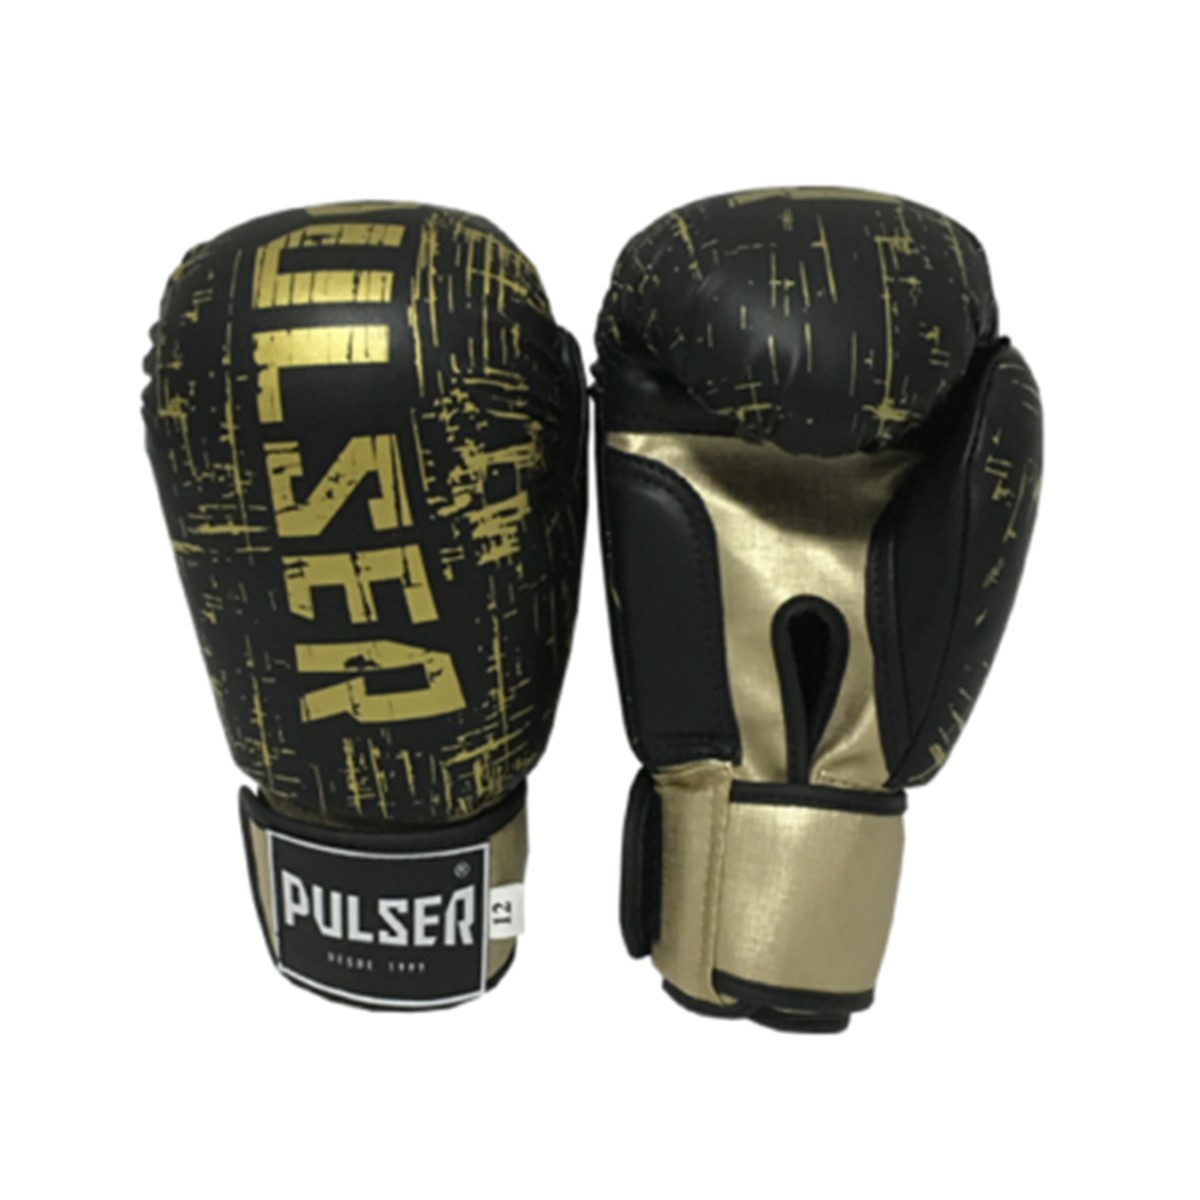 Kit de Boxe / Muay Thai 10oz - Preto e Dourado Pulser Logo - Pulser  - PRALUTA SHOP